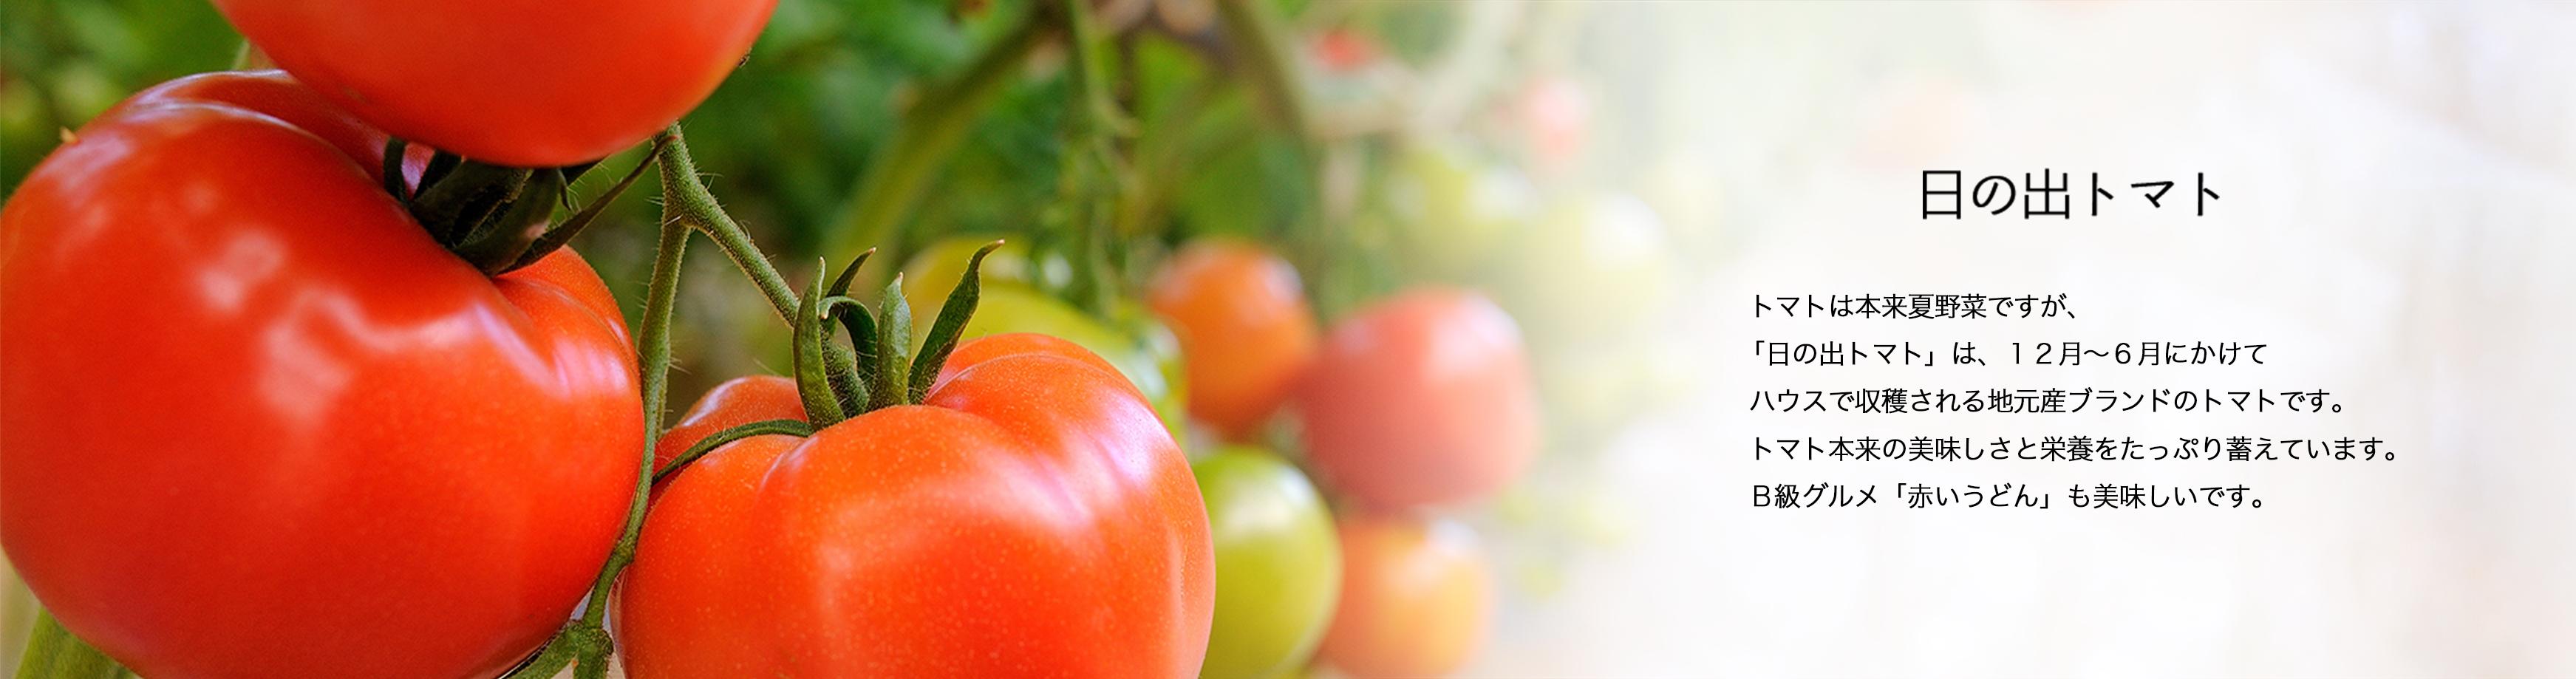 日の出トマト トマトは本来夏野菜ですが、 「日の出トマト」は、12月〜6月にかけて ハウスで収穫される地元産ブランドのトマトです。 トマト本来の美味しさと栄養をたっぷり蓄えています。 B級グルメ「赤いうどん」も美味しいです。